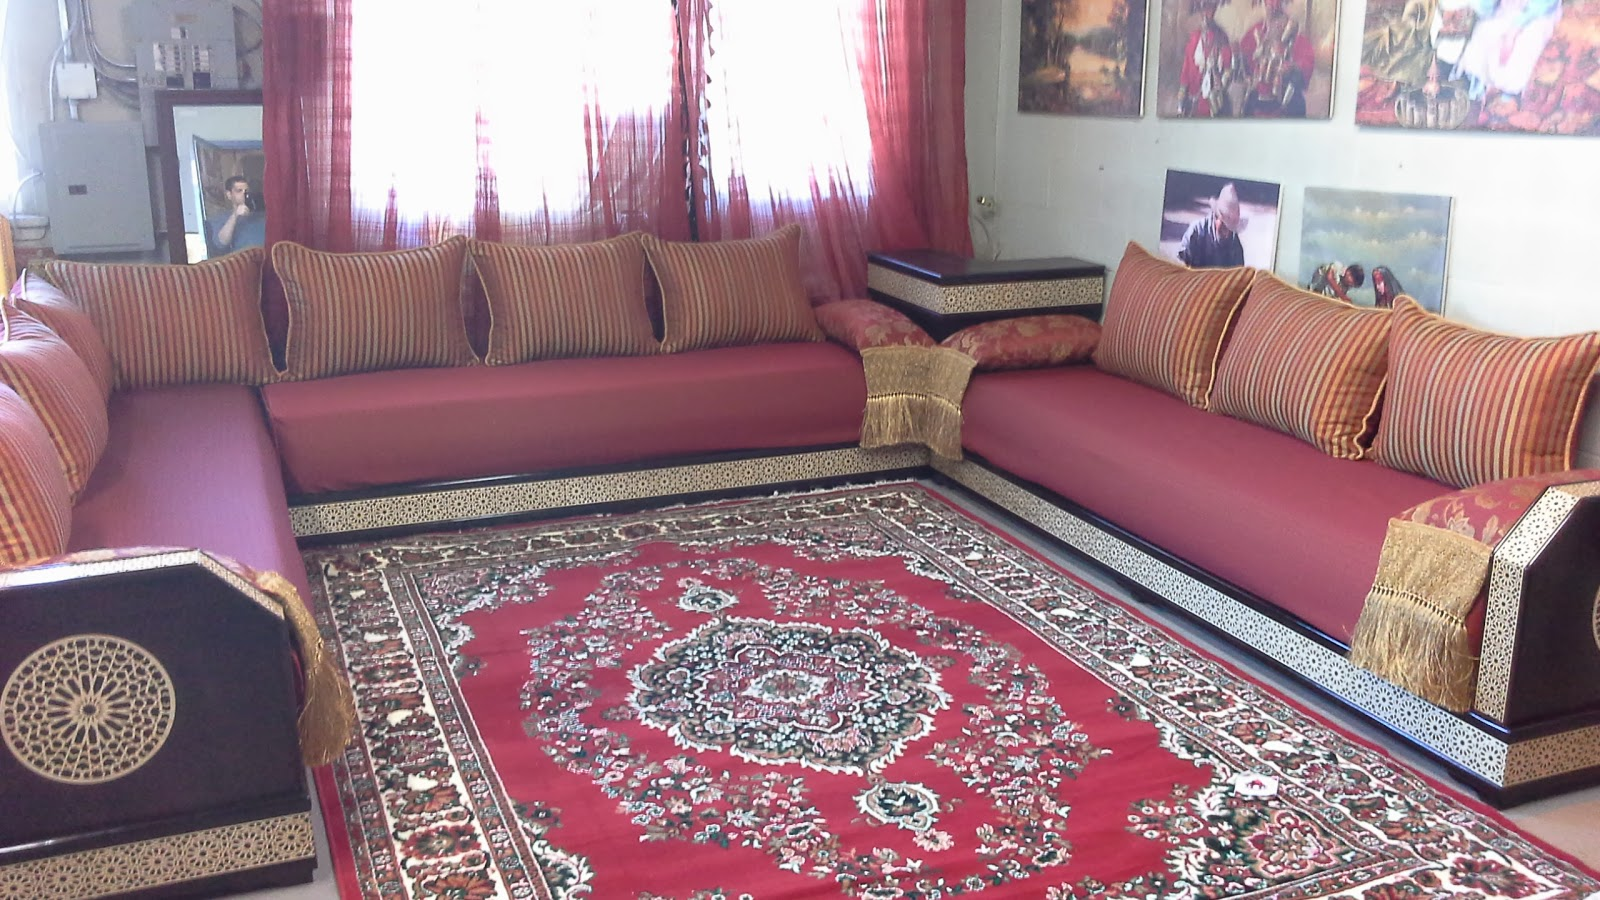 Salon Marocain: salon marocain Montreal